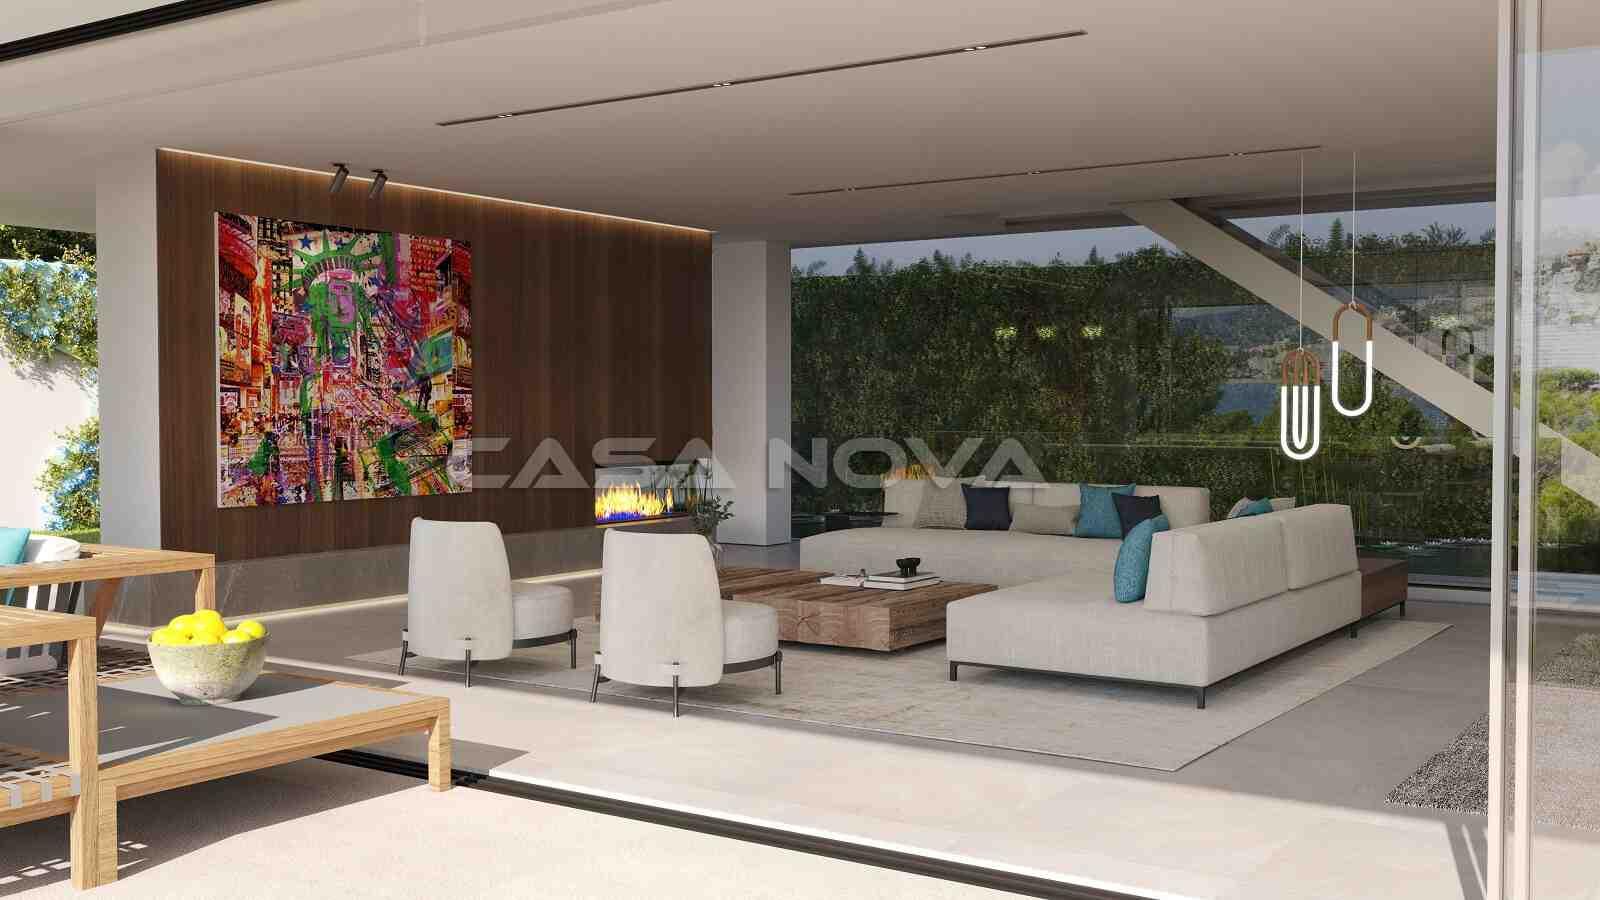 Modernes Wohnzimmer mit vielen Gestaltungsmöglichkeiten